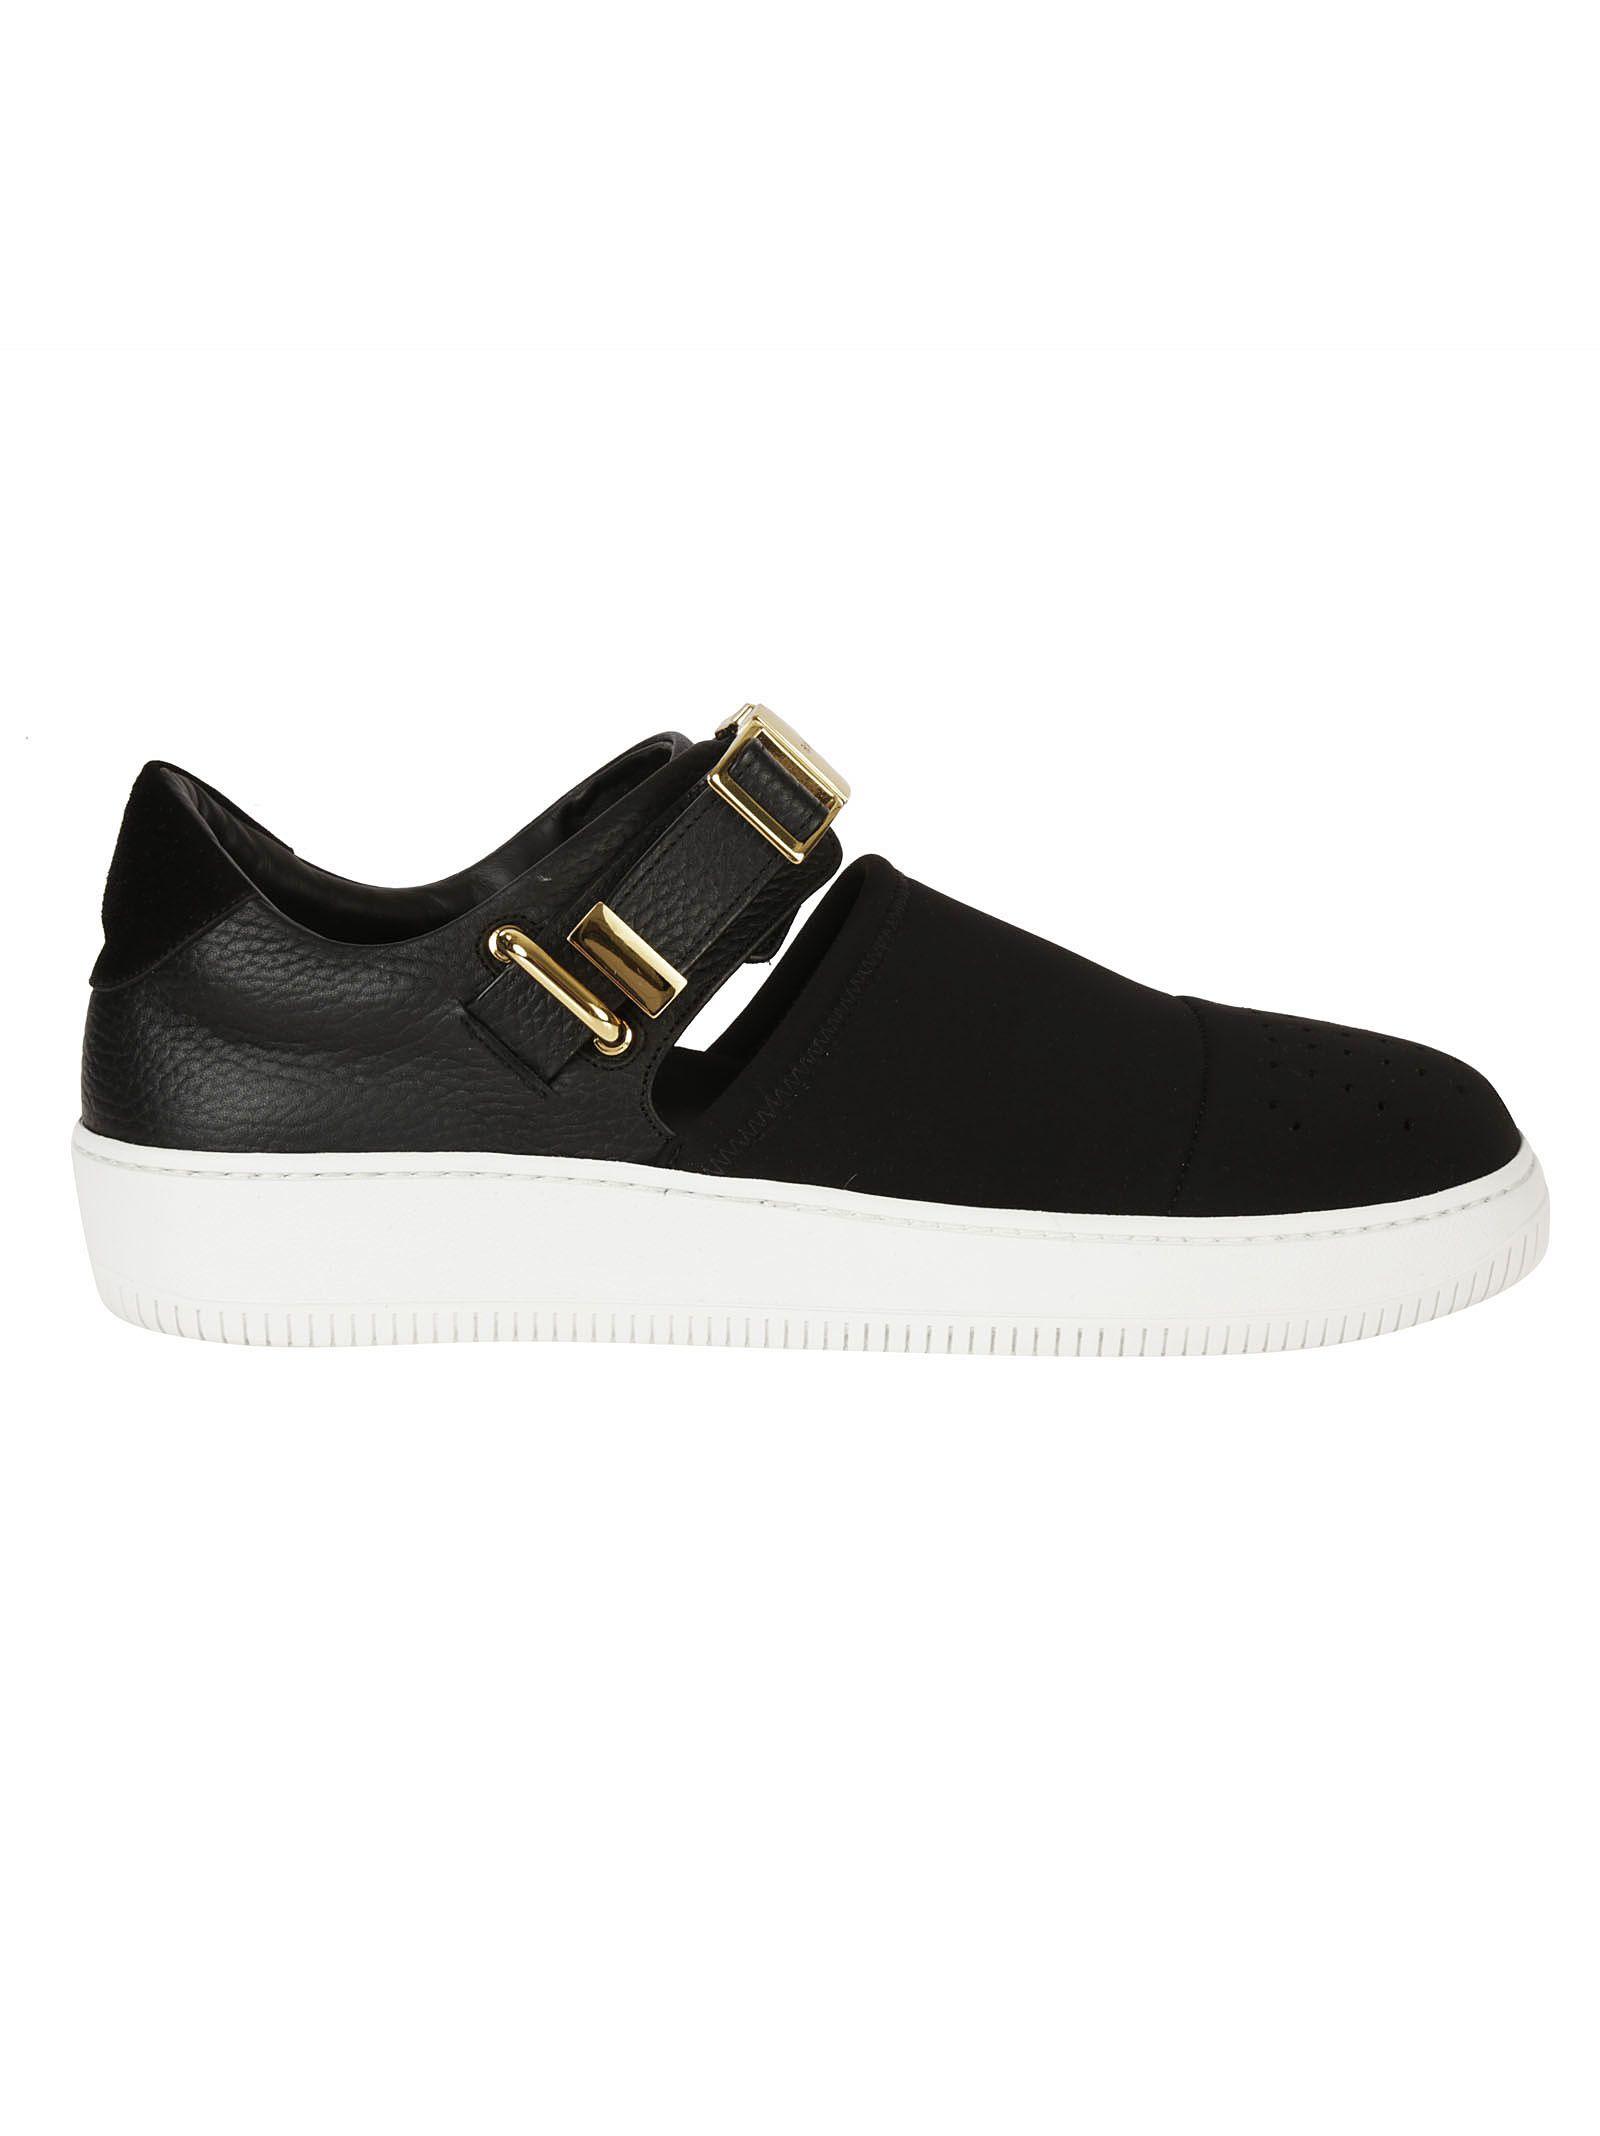 Buscemi Buckle Fastening Sneakers